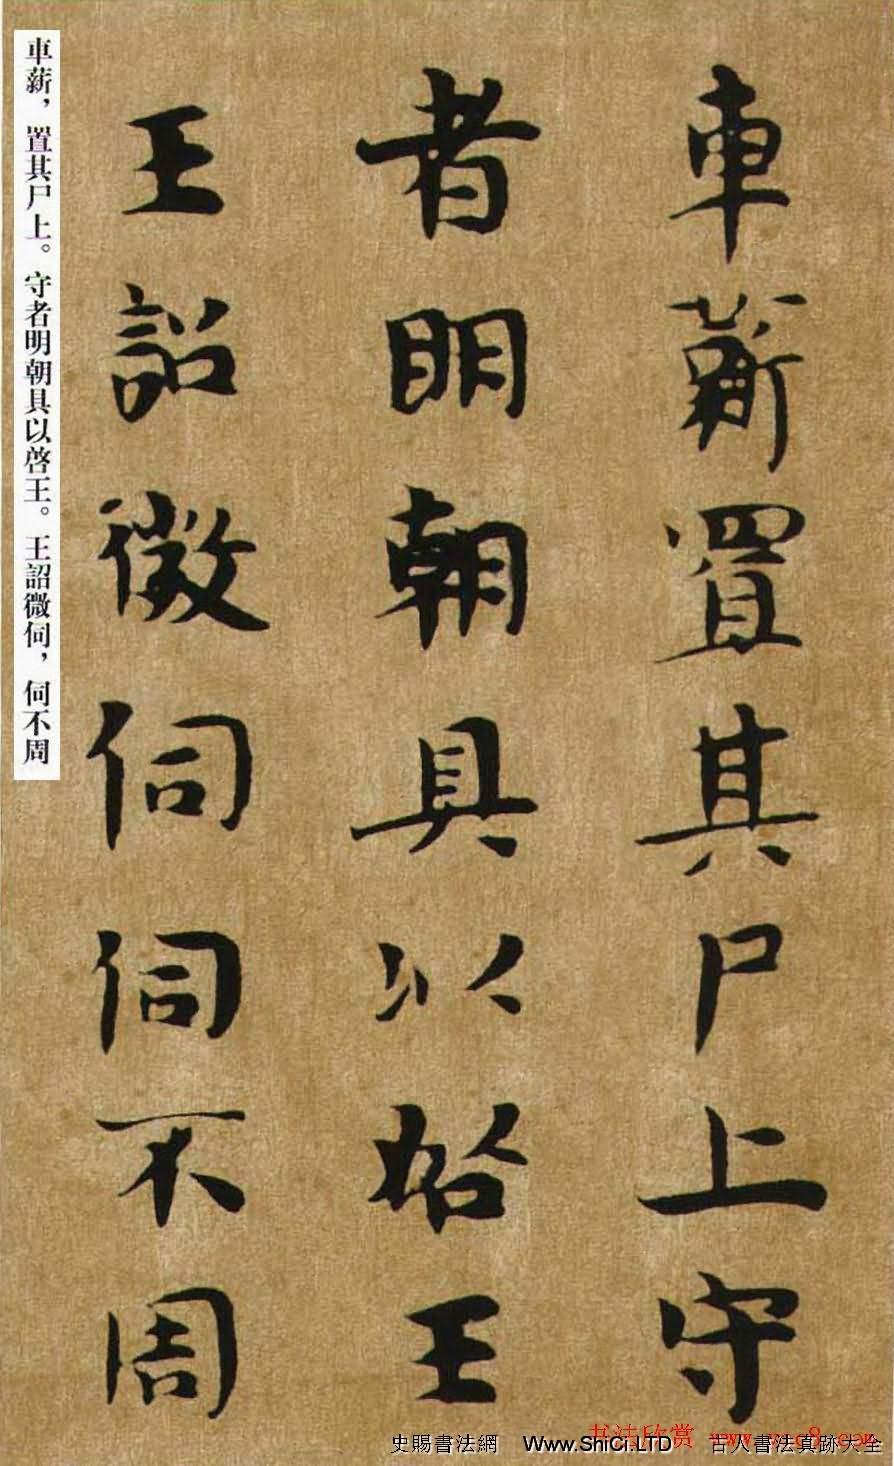 南朝書法冊頁欣賞附釋文圖片十四張